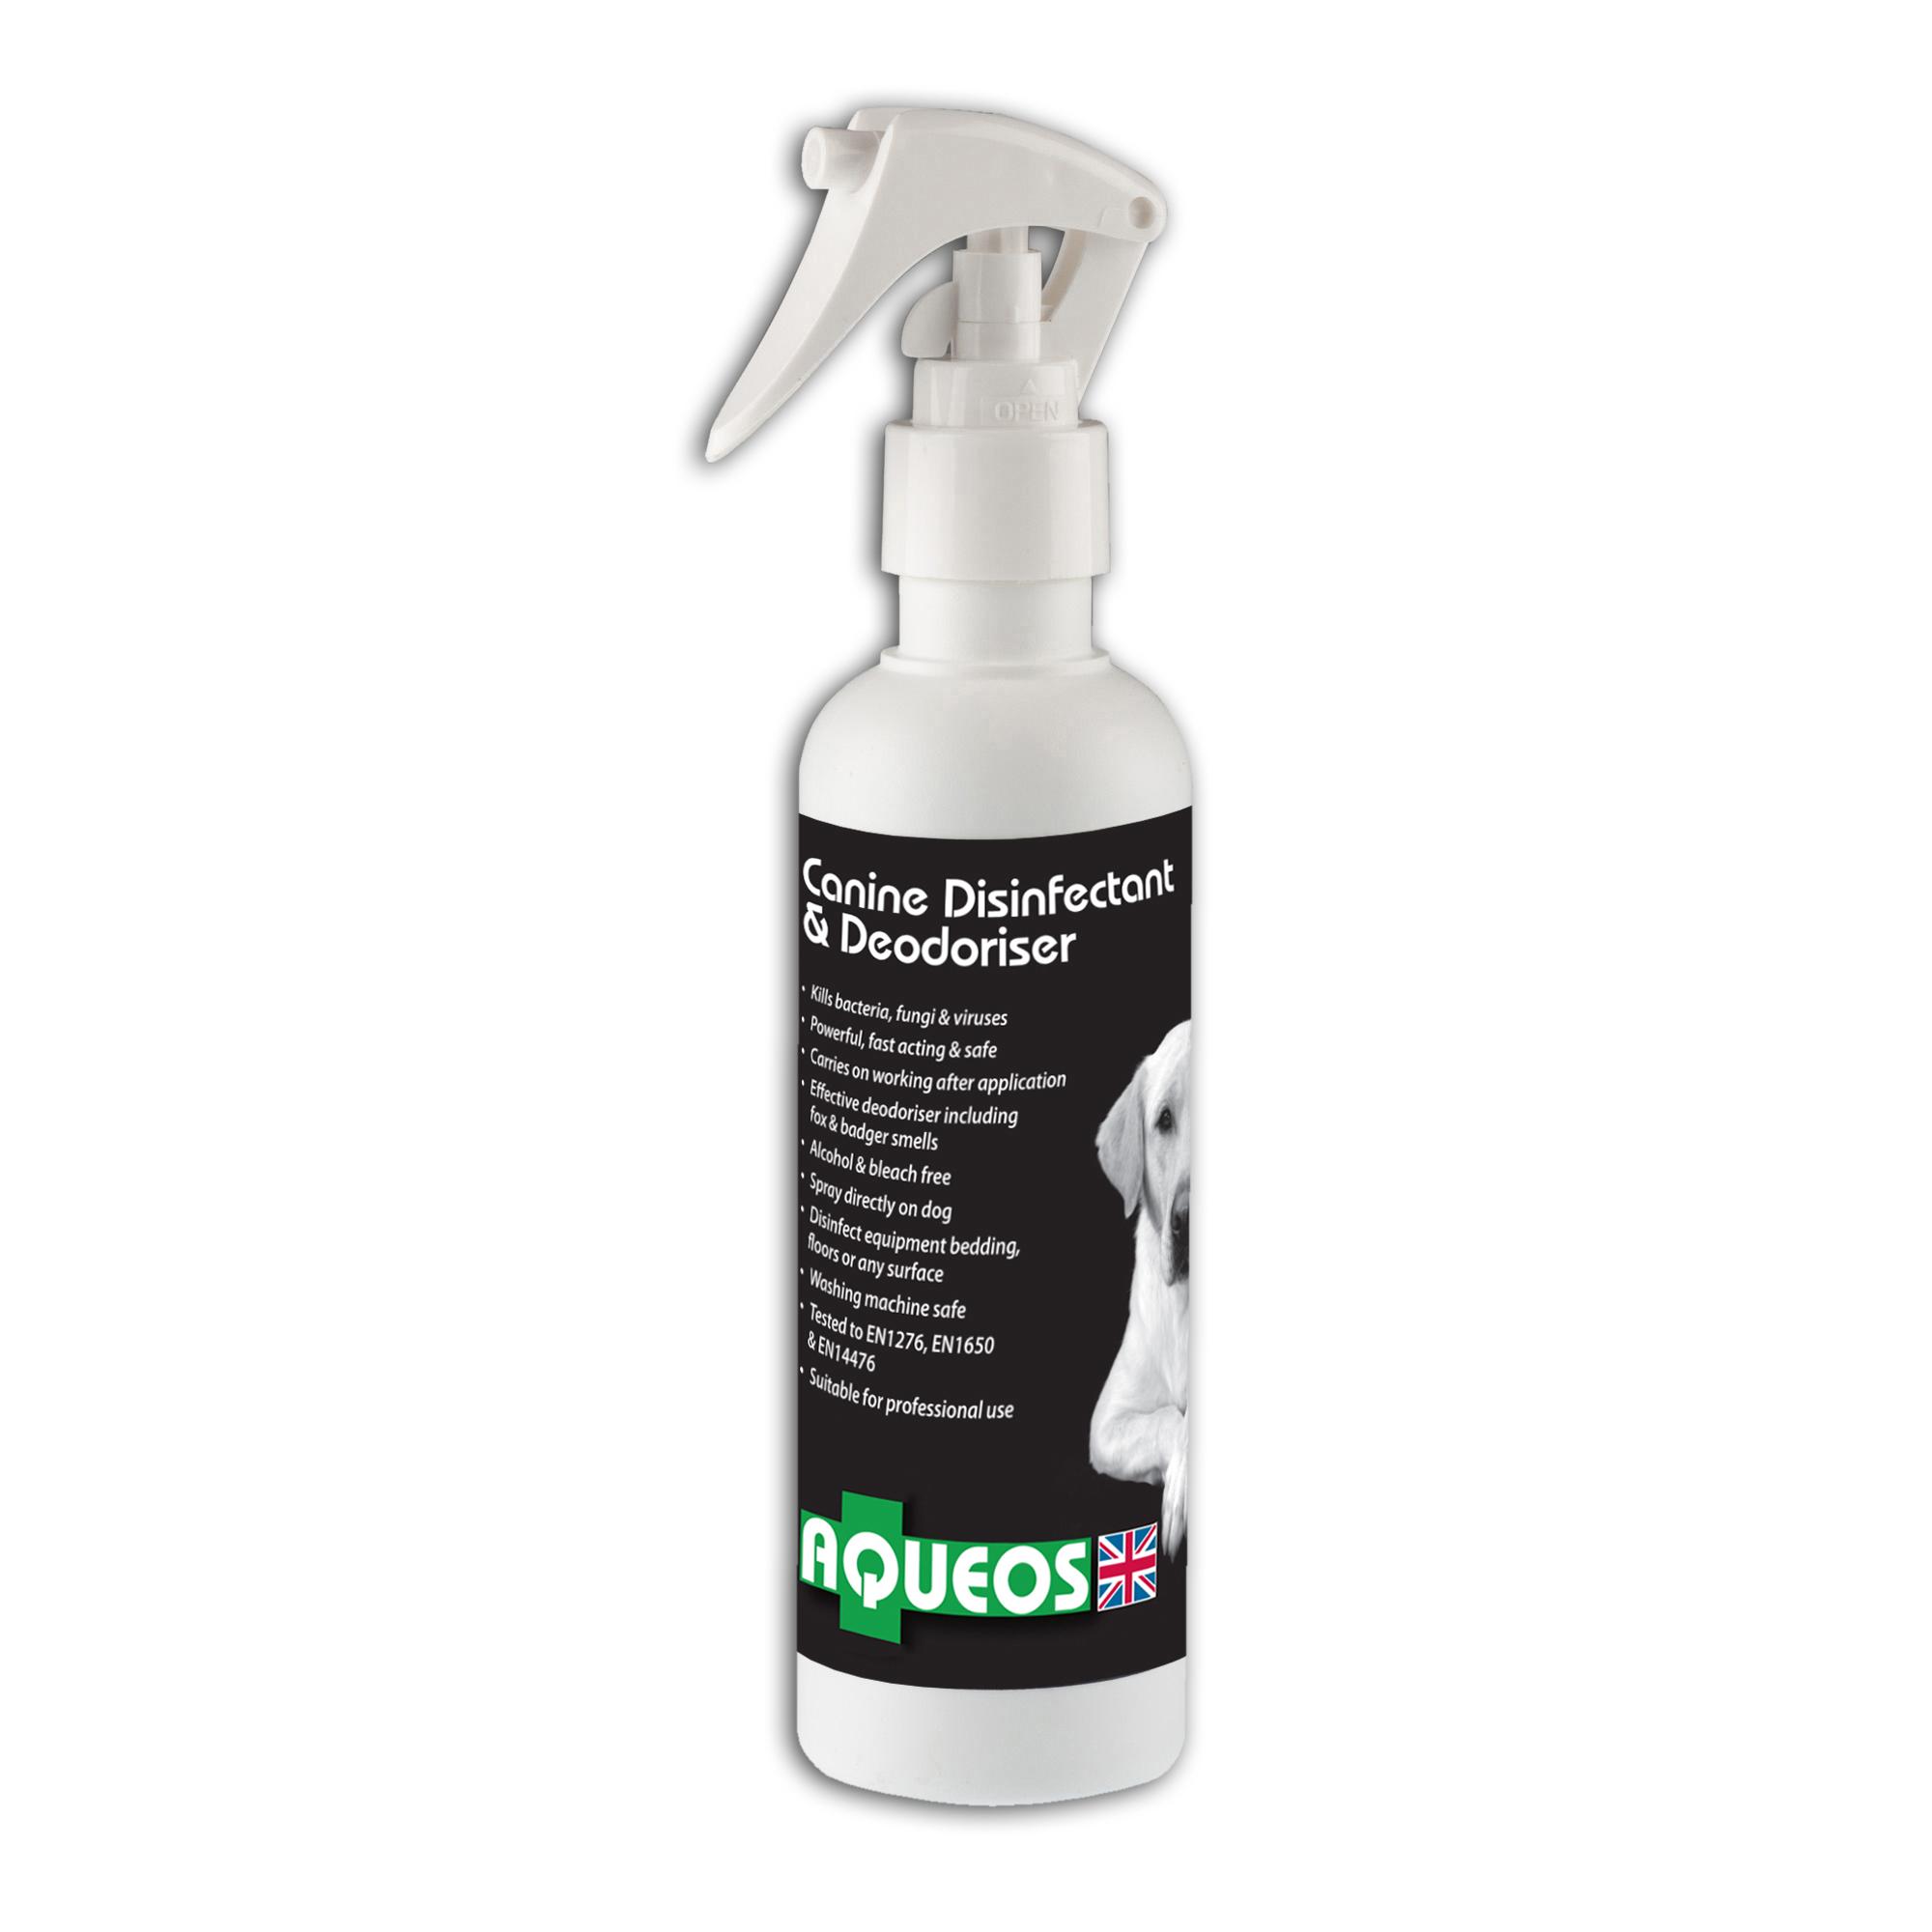 AQUEOS Disinfectant and Deodoriser Spray 200ml